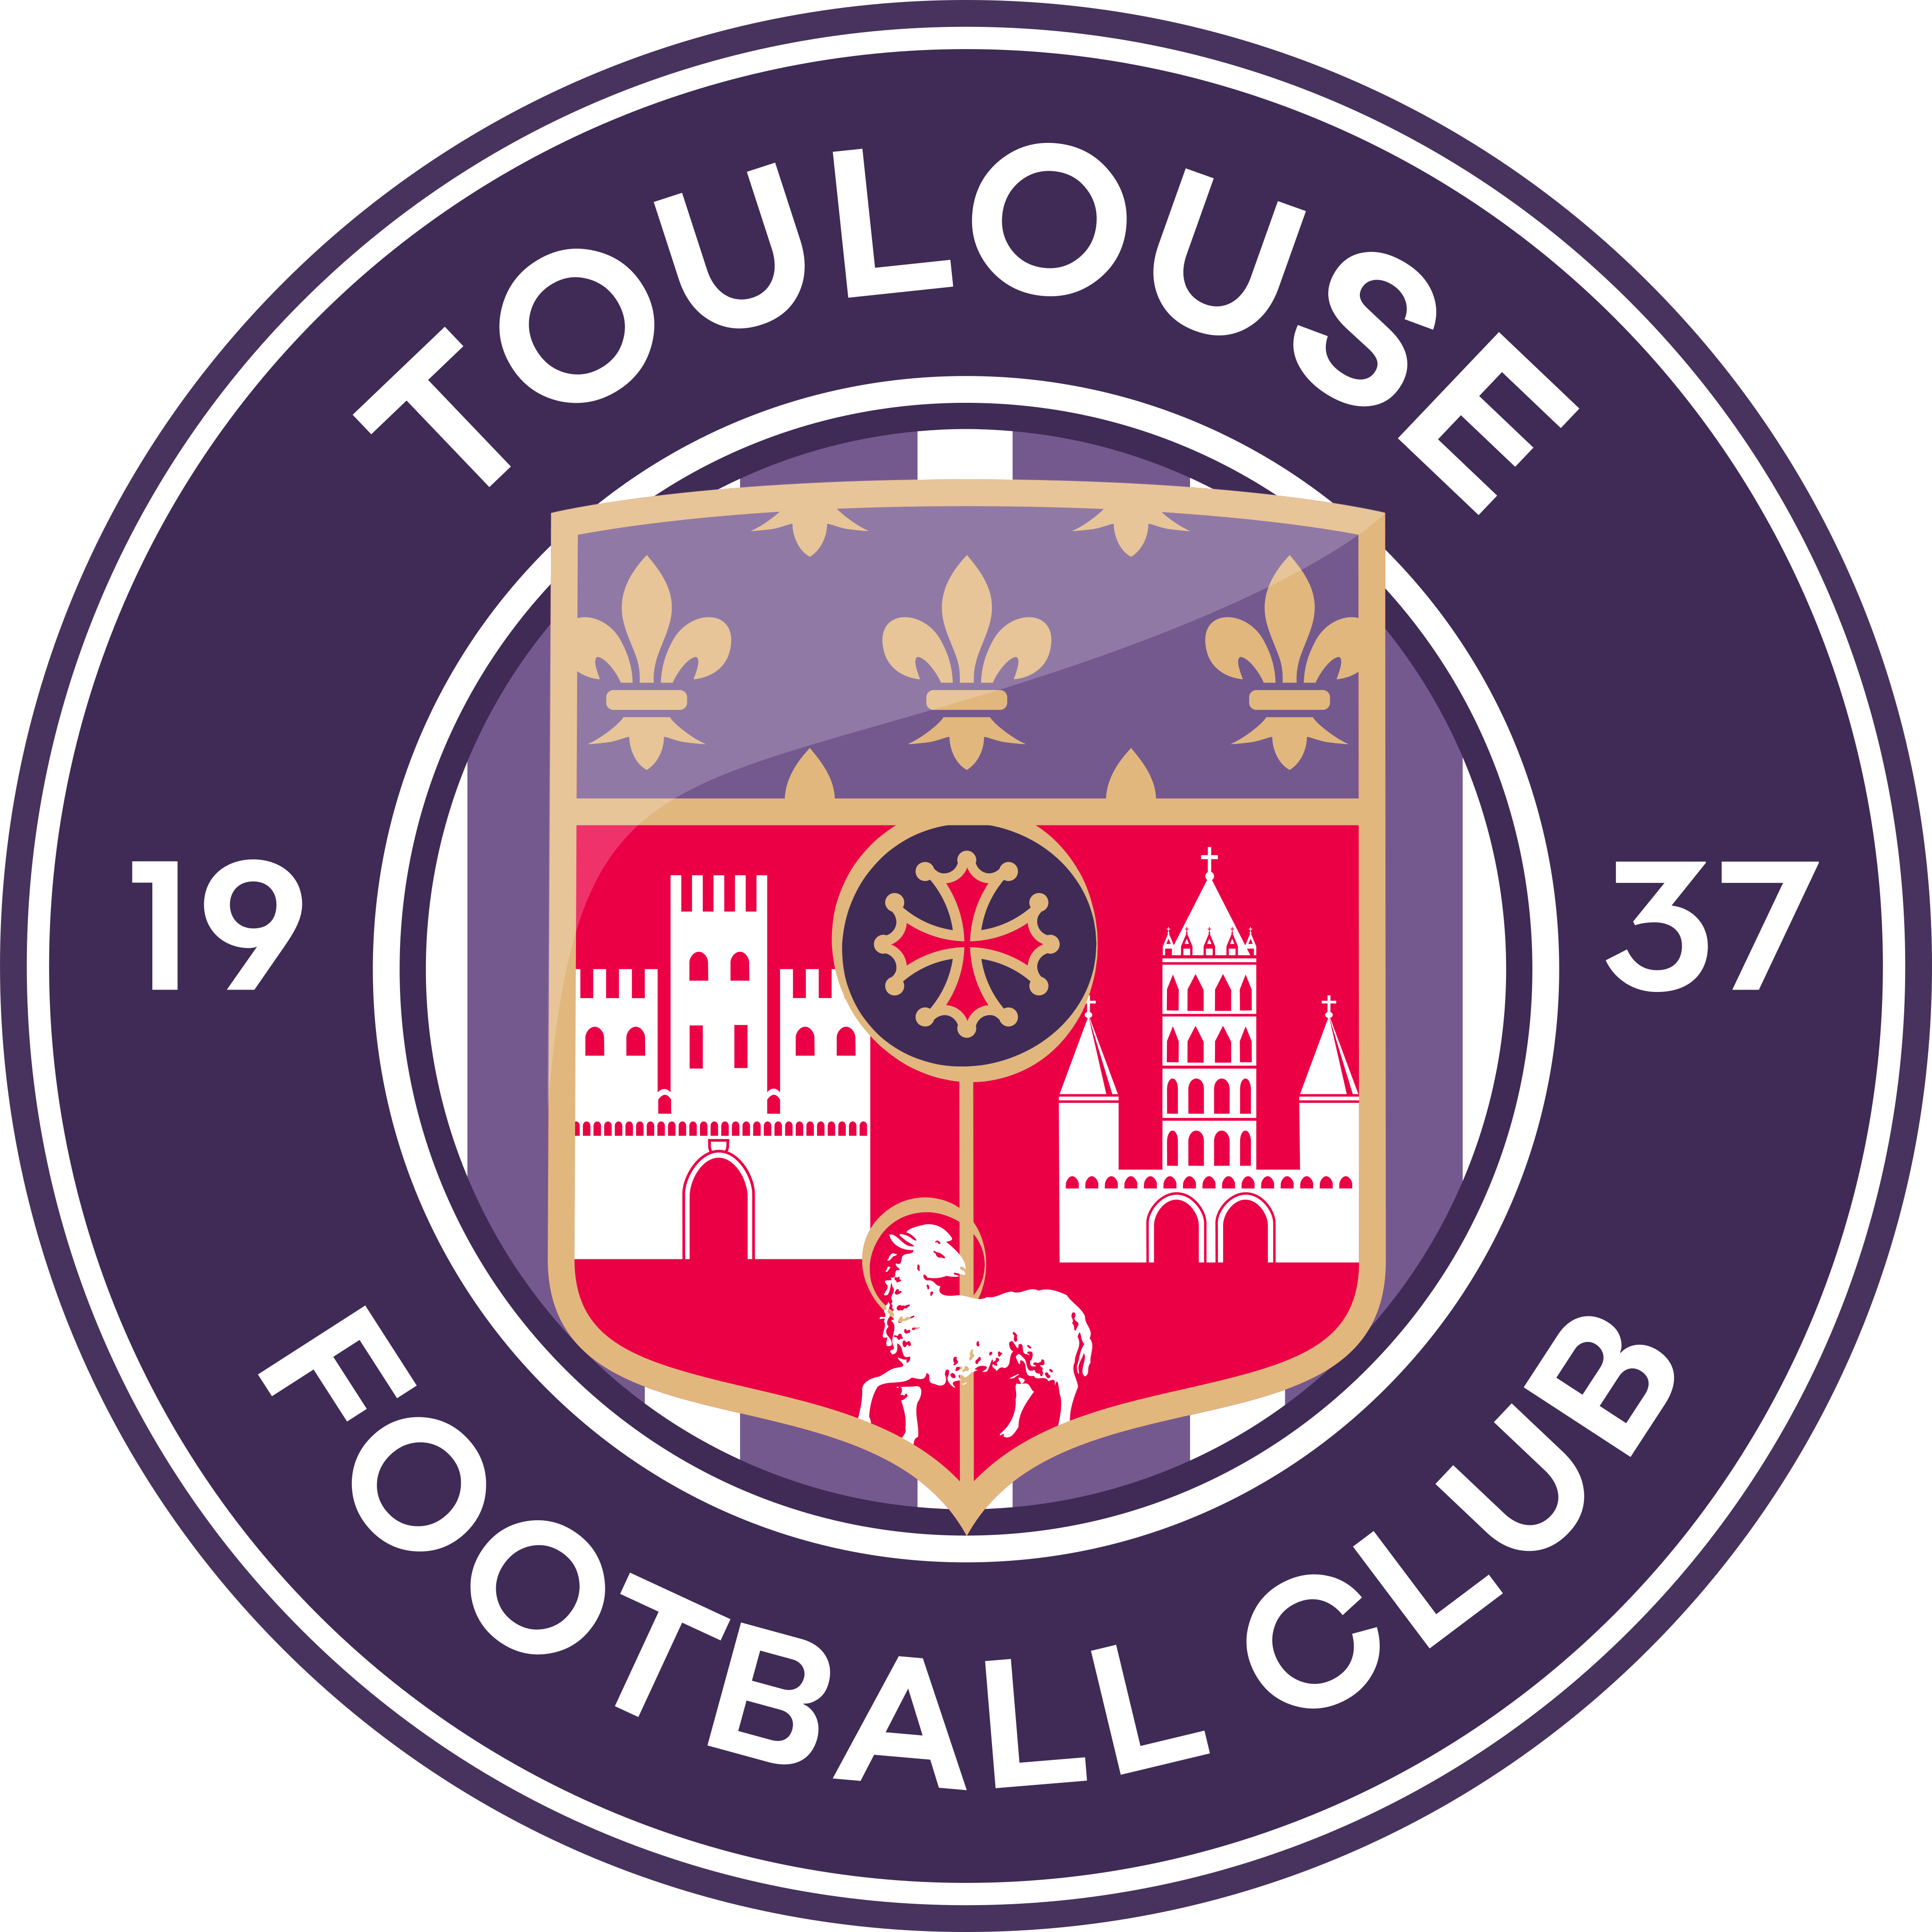 toulouse fc logo - Toulouse Football Club Logo